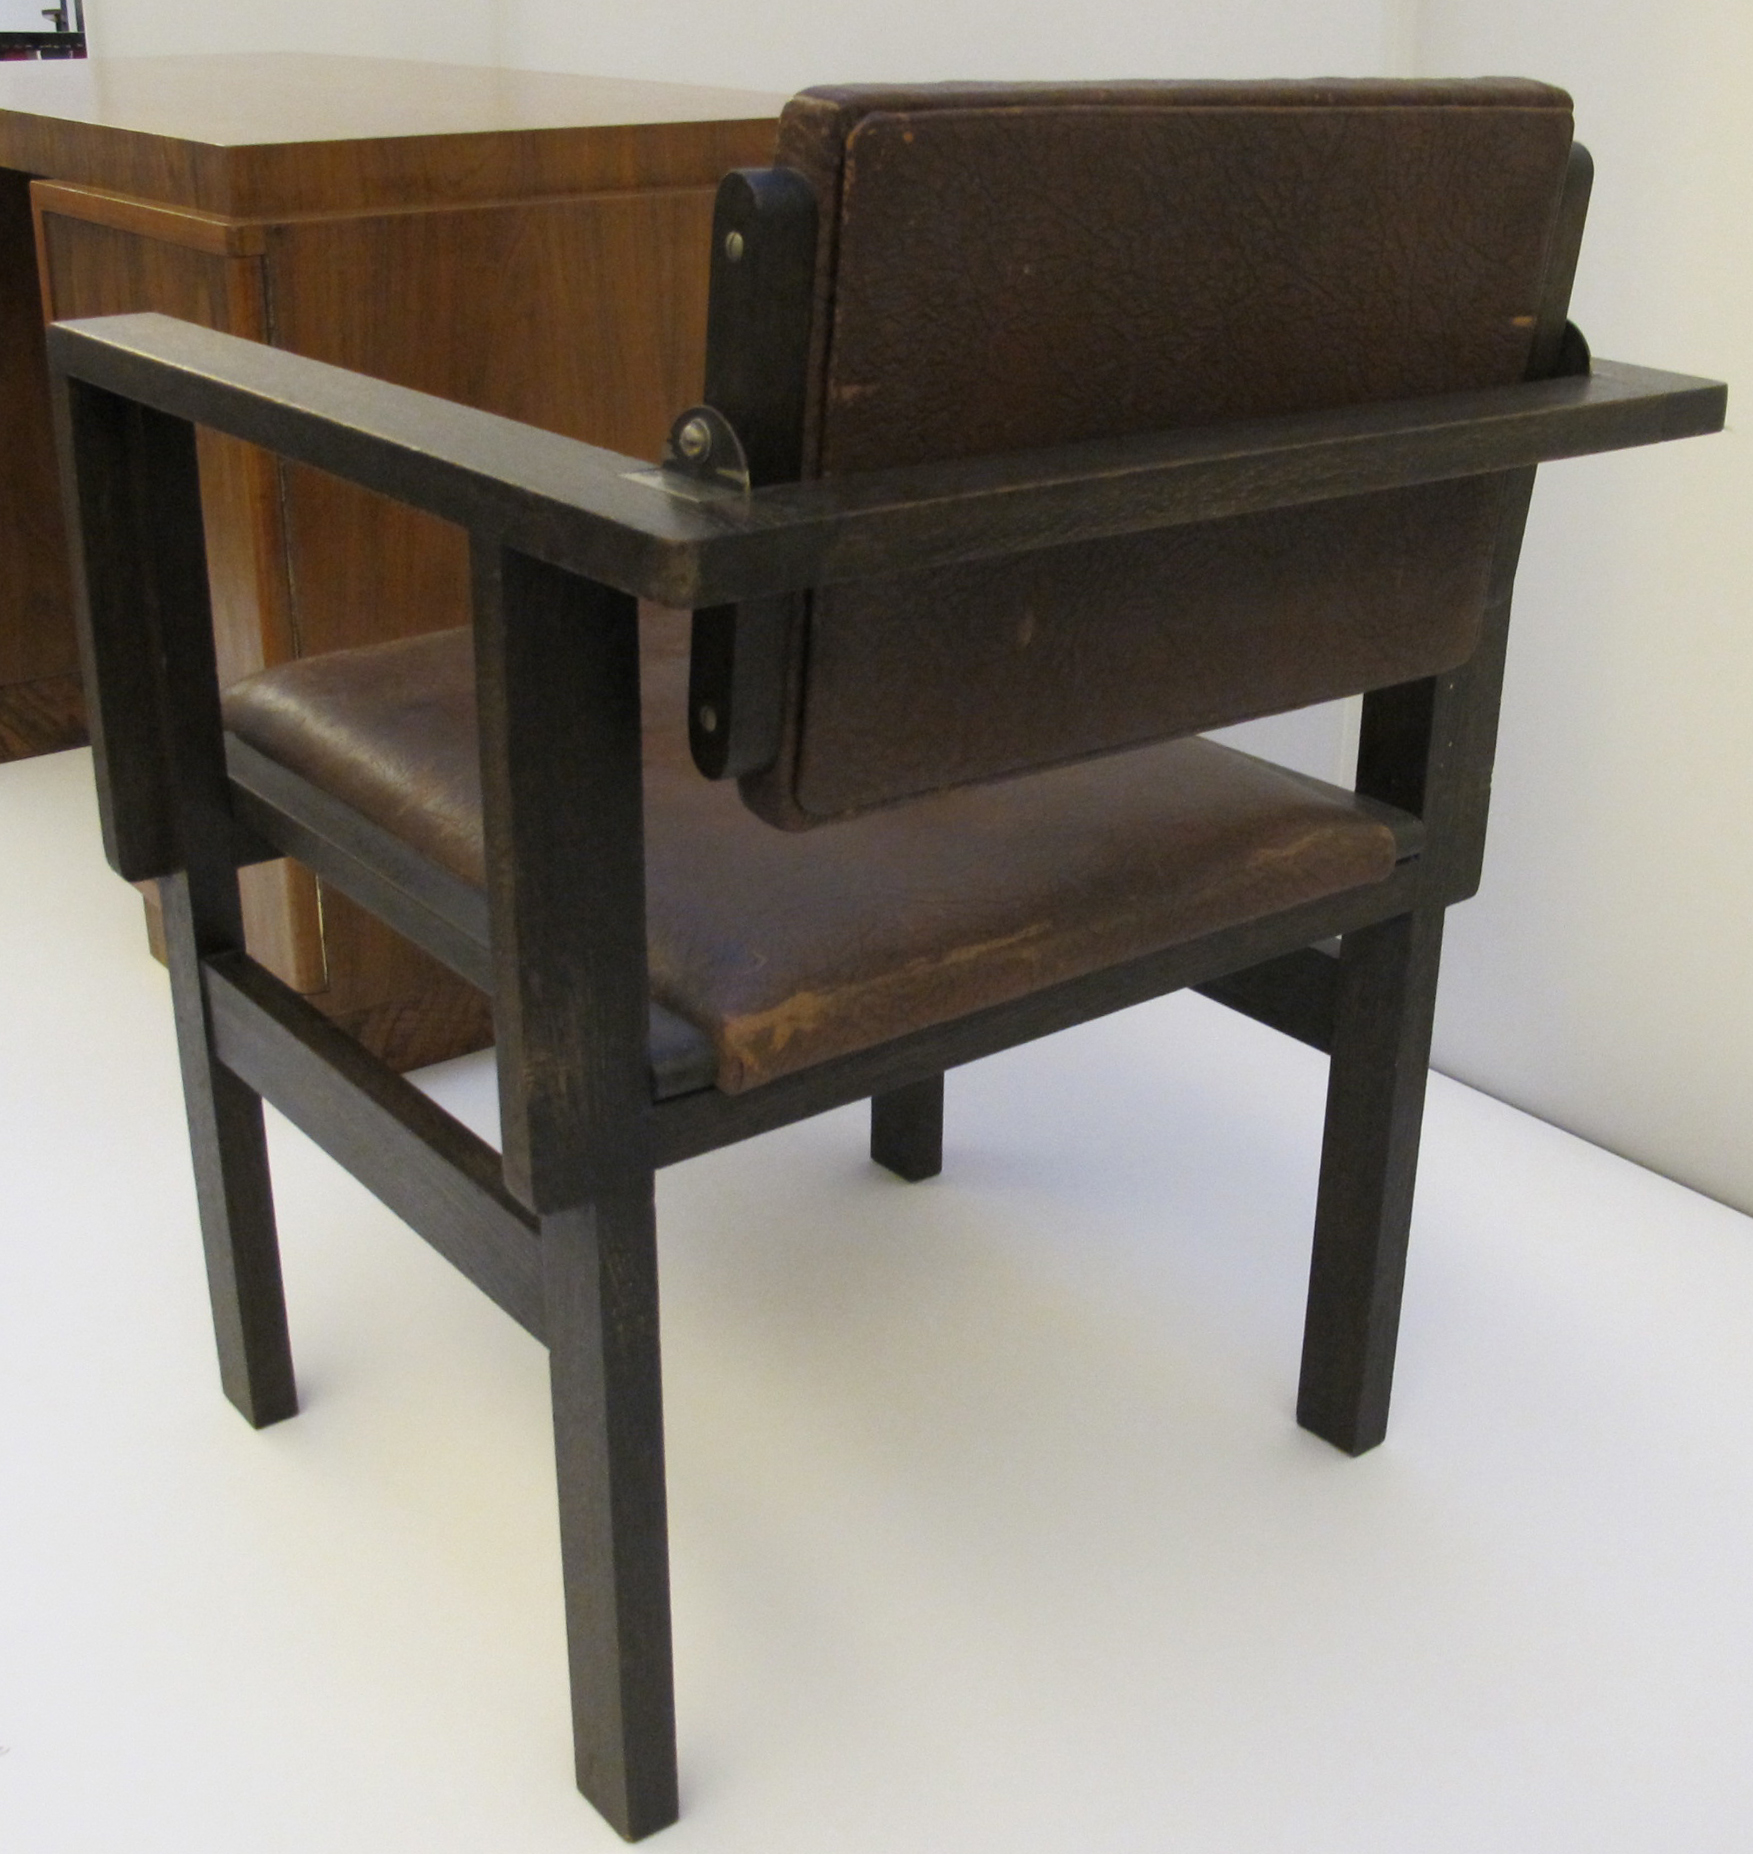 File:Peter keler, sedia con rivestimenti in pelle, 1925 ca ...